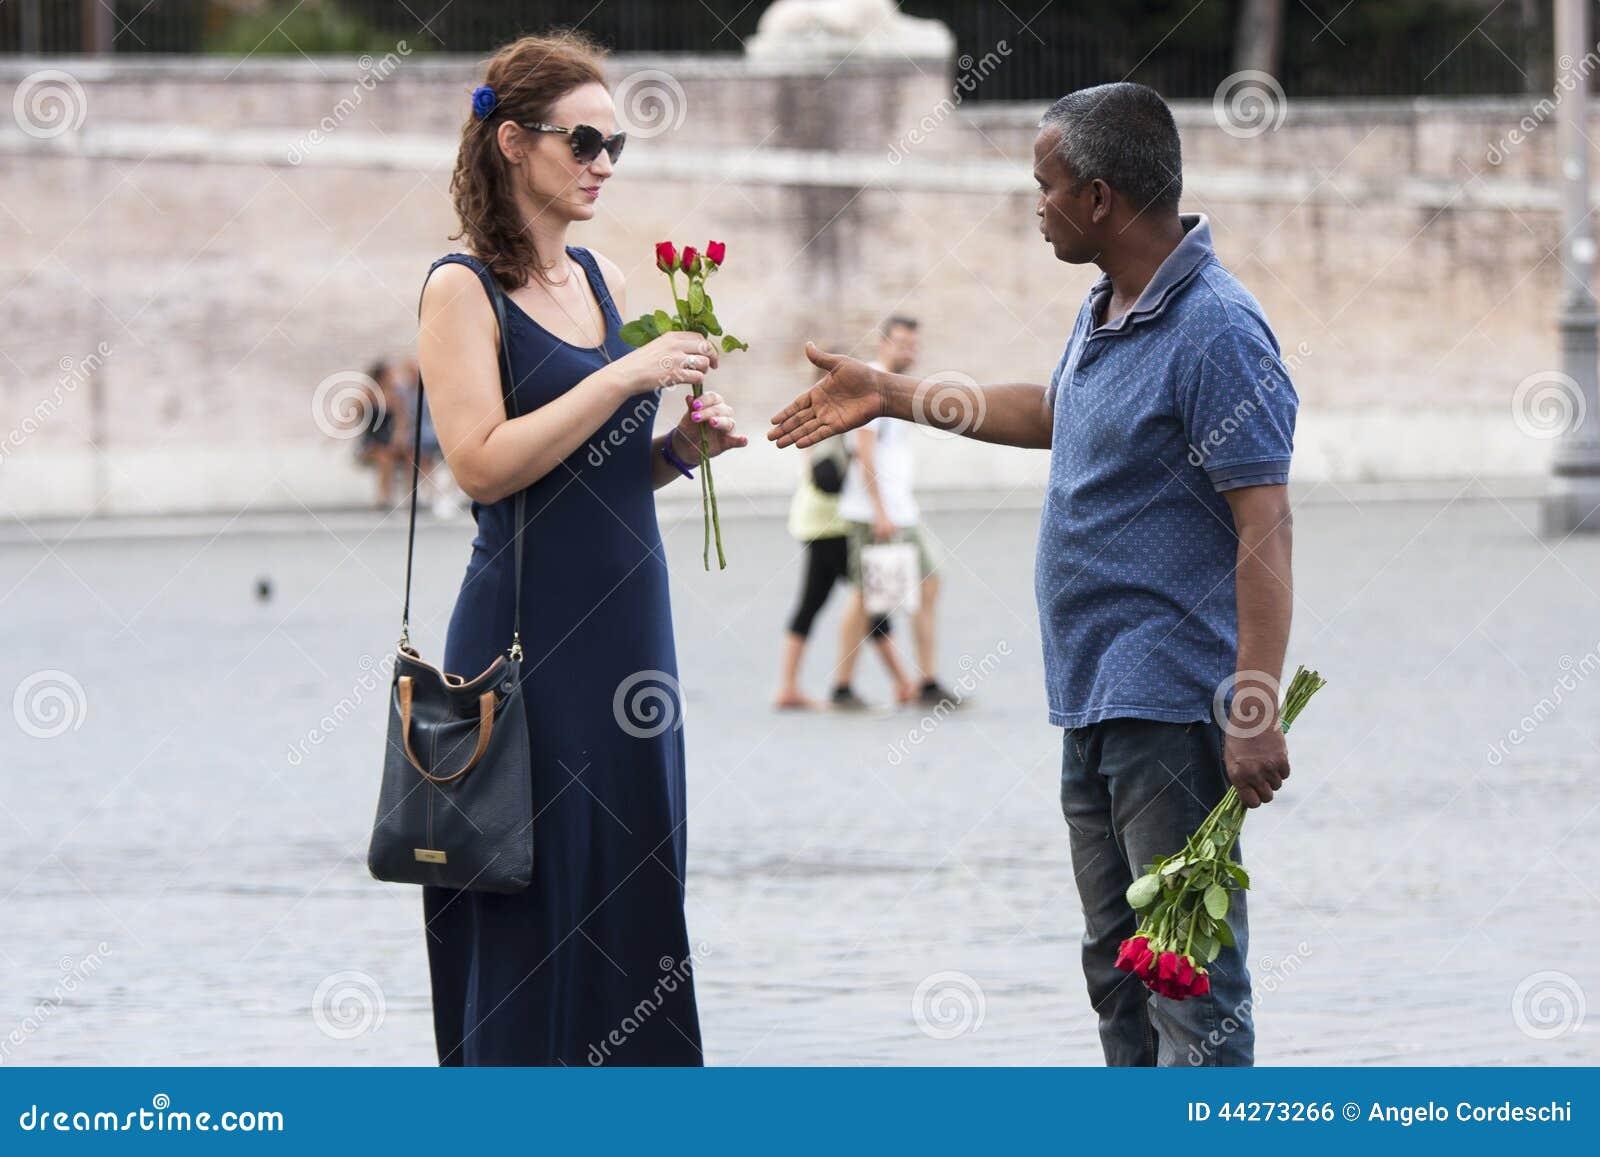 Sprzedawca uliczny róże z turystą